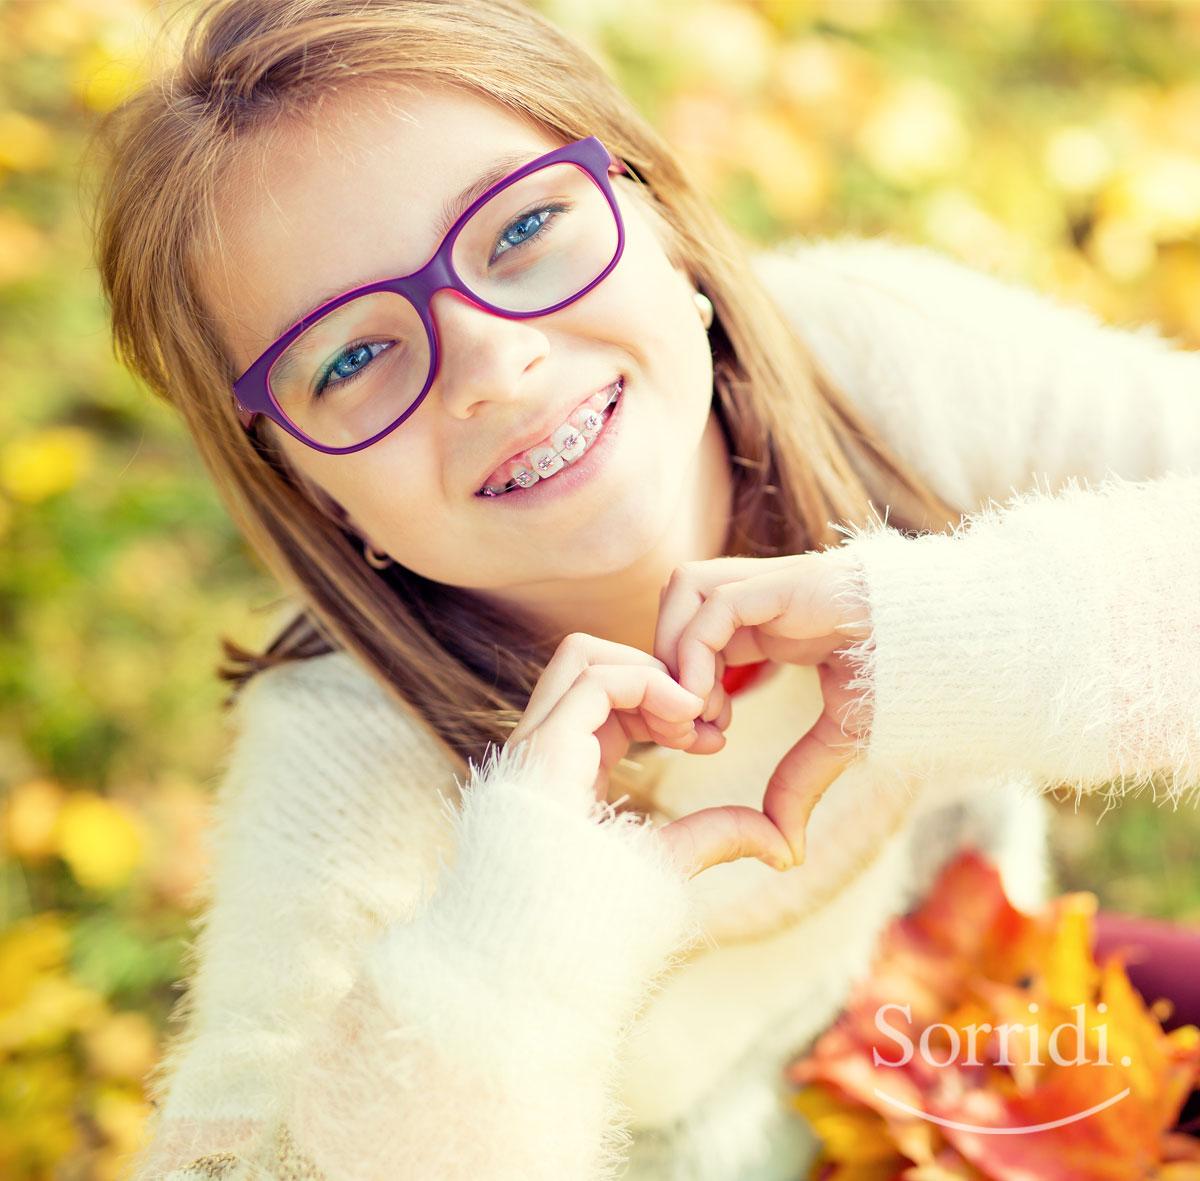 Sorridi-ch-magazine-apparecchio-ortodontico-nei-bambini-eta-giusta